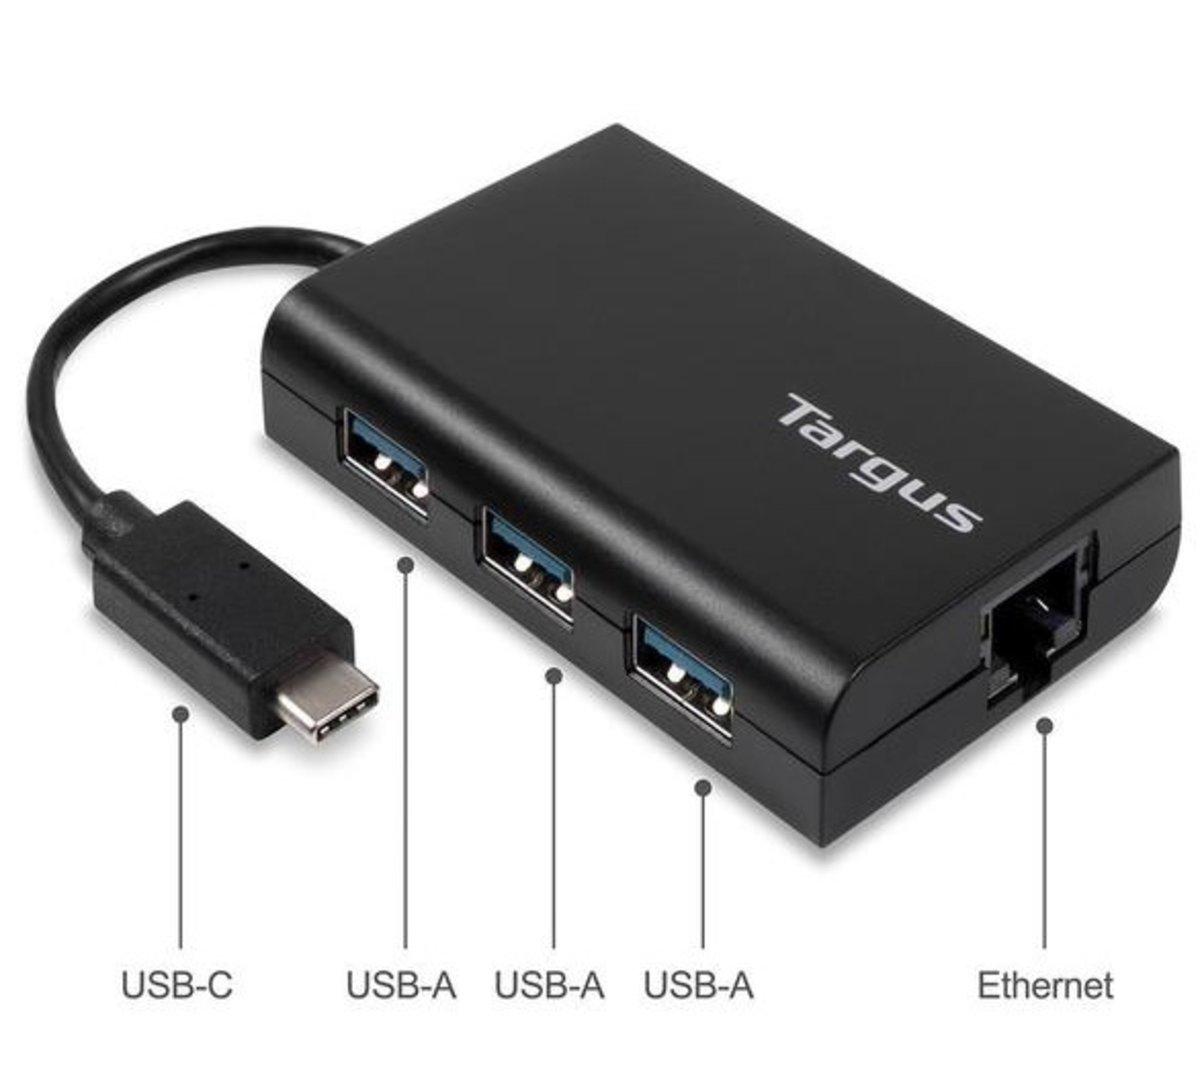 USB-C 轉 LAN RJ-45 插座 + 3個 USB3.0 集線器 ACH230